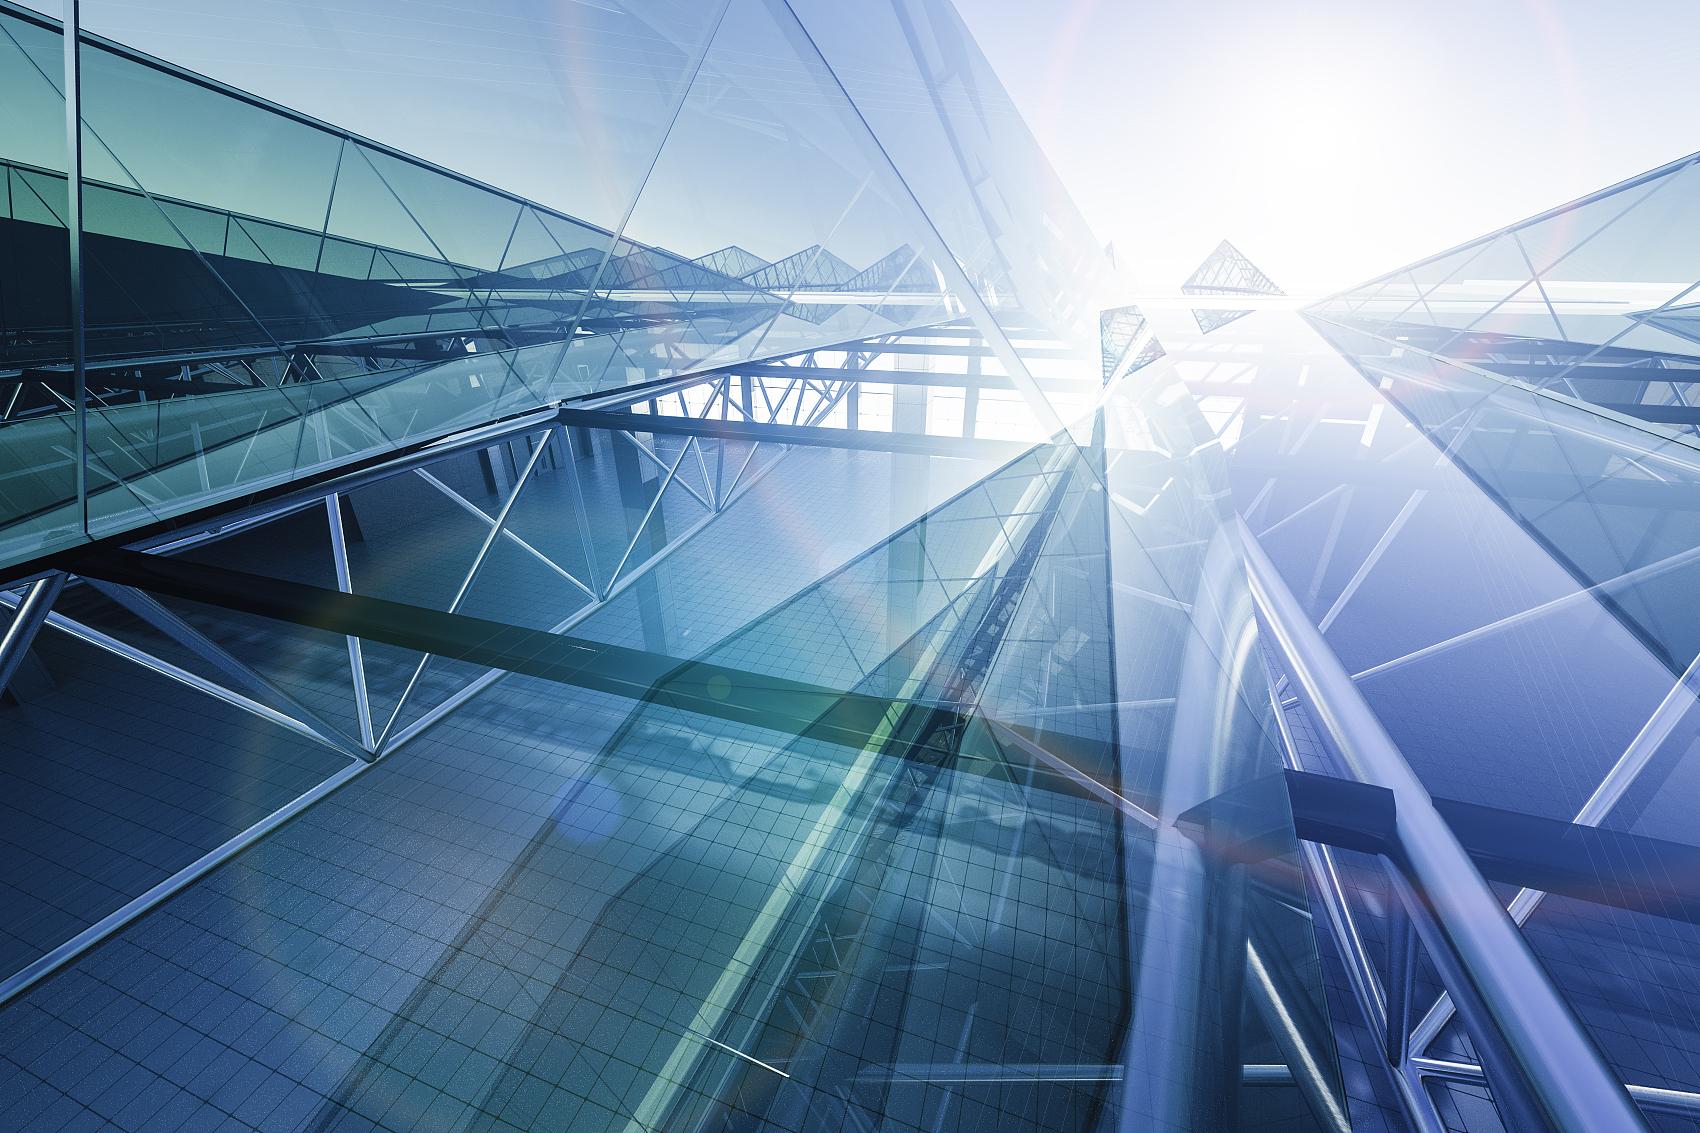 关于智能建筑机房的设计要求- 2021广州国际建筑电气技术展览会